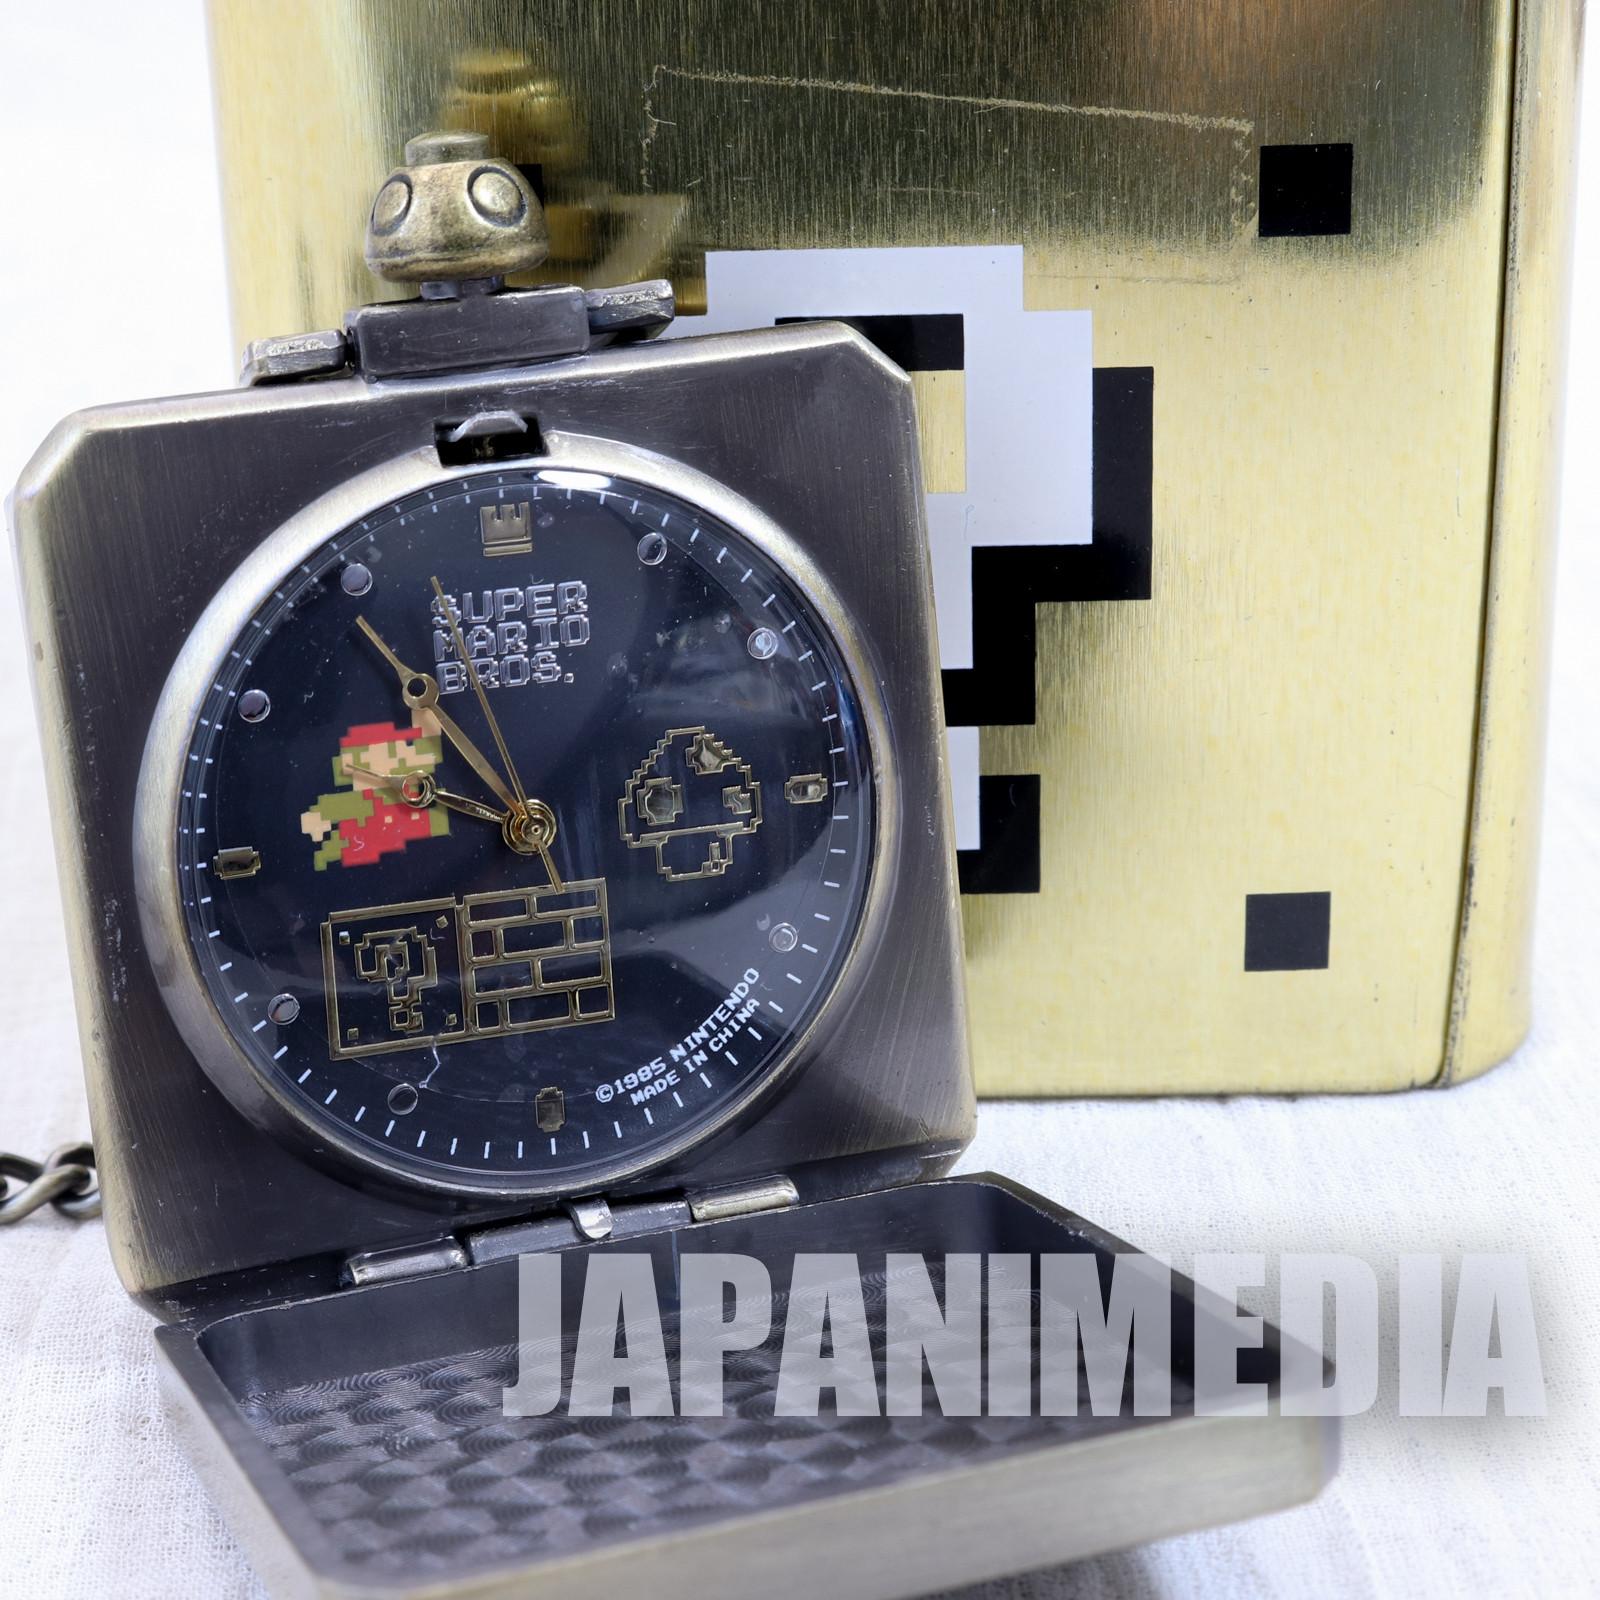 Super Mario Bros. Hatena Block Pocket Watch Mario Super Mushroom Ver. JAPAN NINTENDO NES